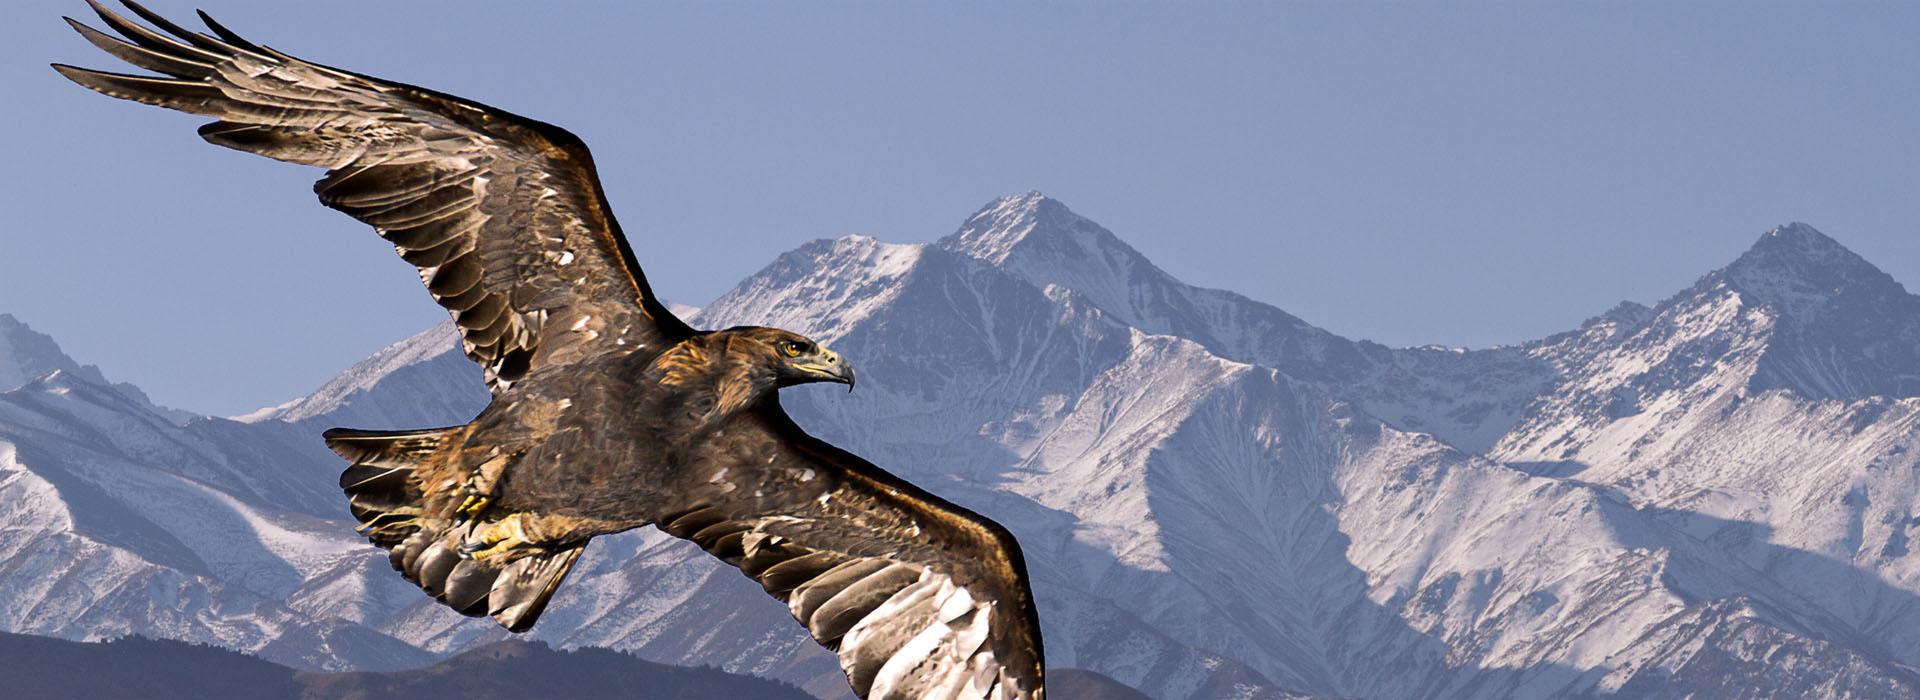 Golden Eagle Kyrgyzstan Tour